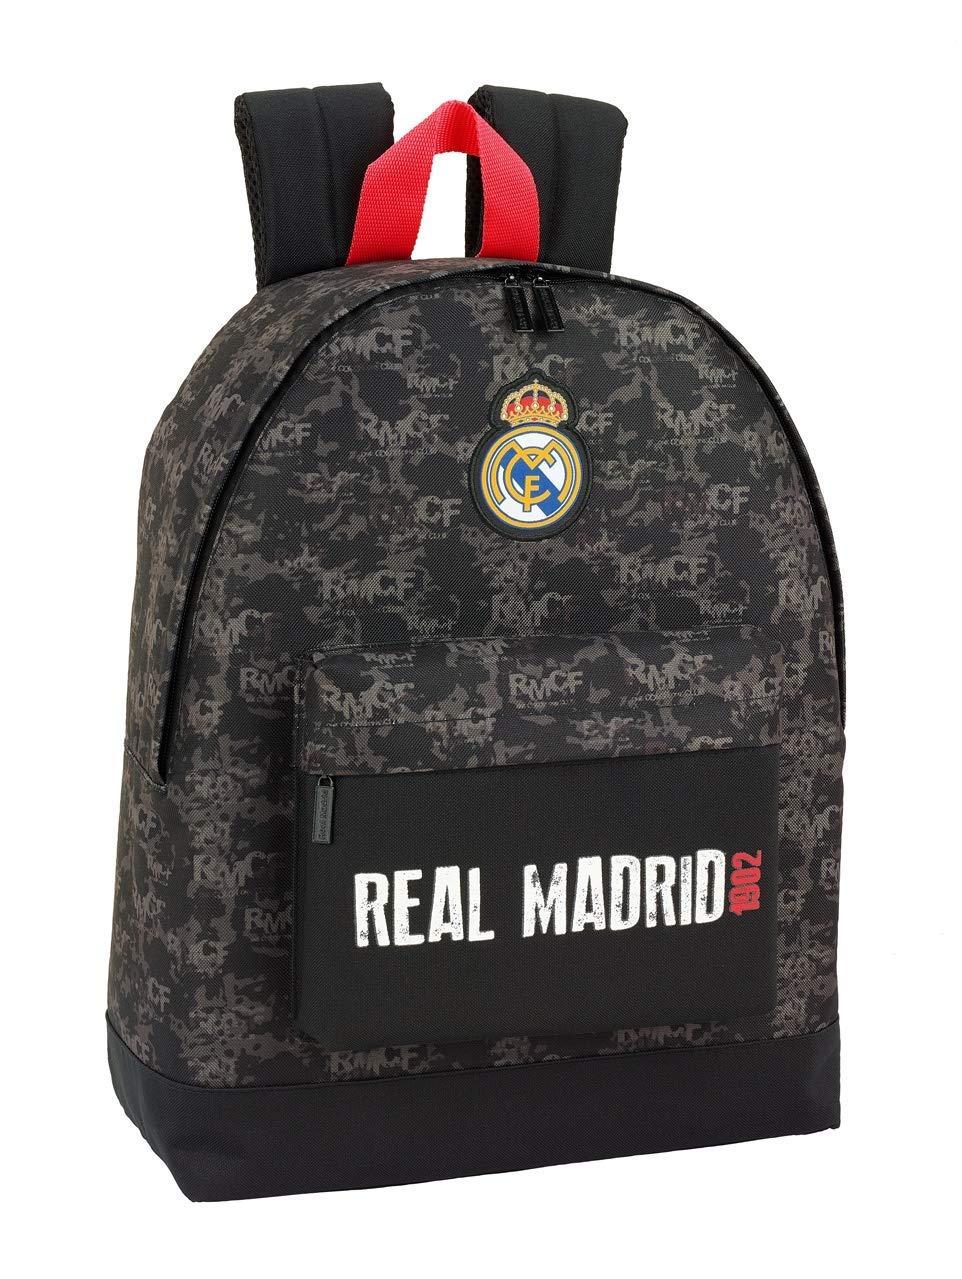 71eJ8lp3DML - Real Madrid CF Mochila Grande con Funda Ordenador, Negro, 43 cm